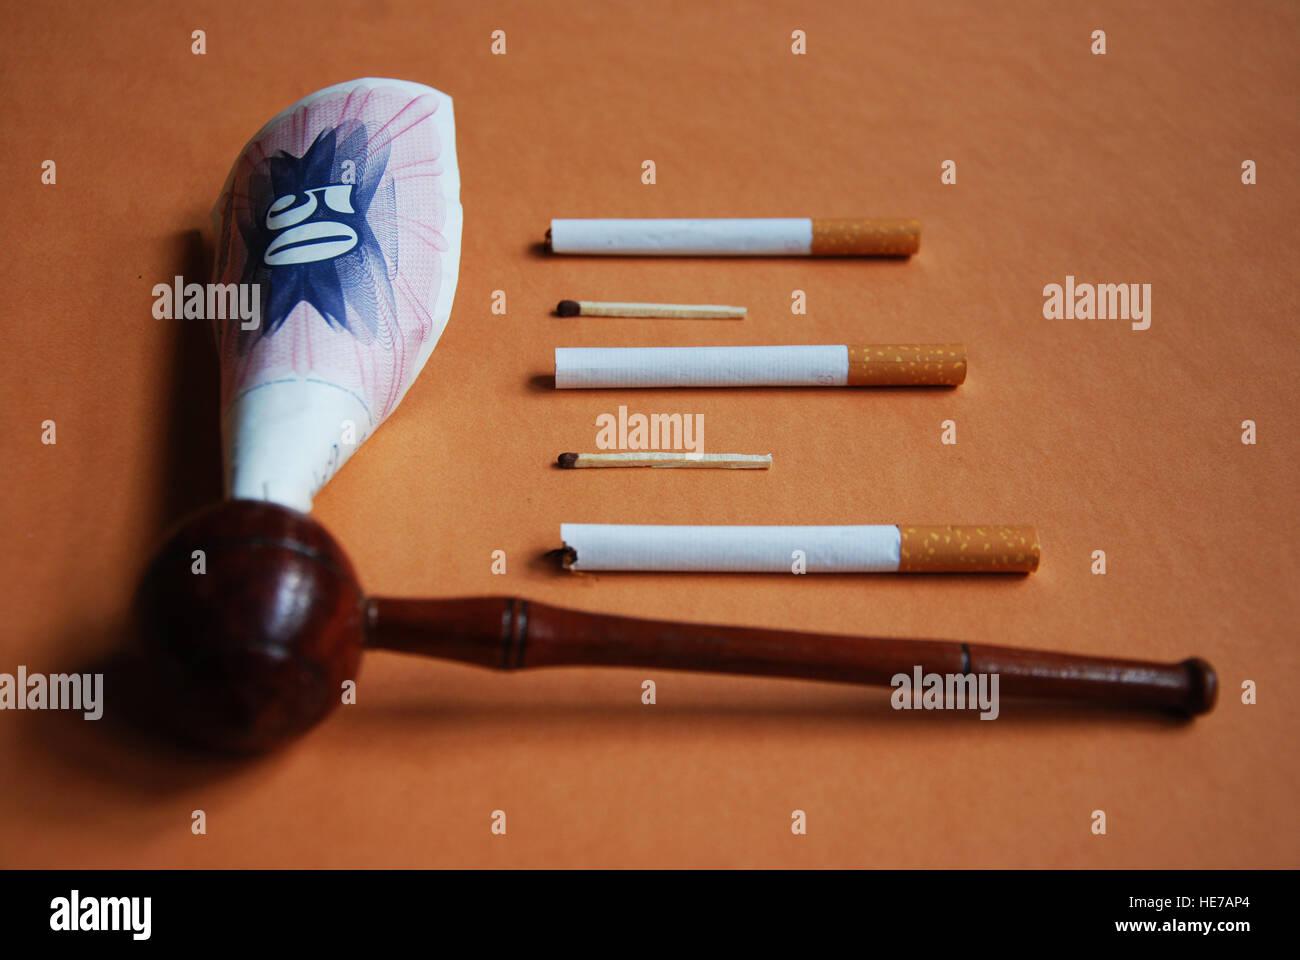 Harmfulness of cigarettes: spending money - Stock Image